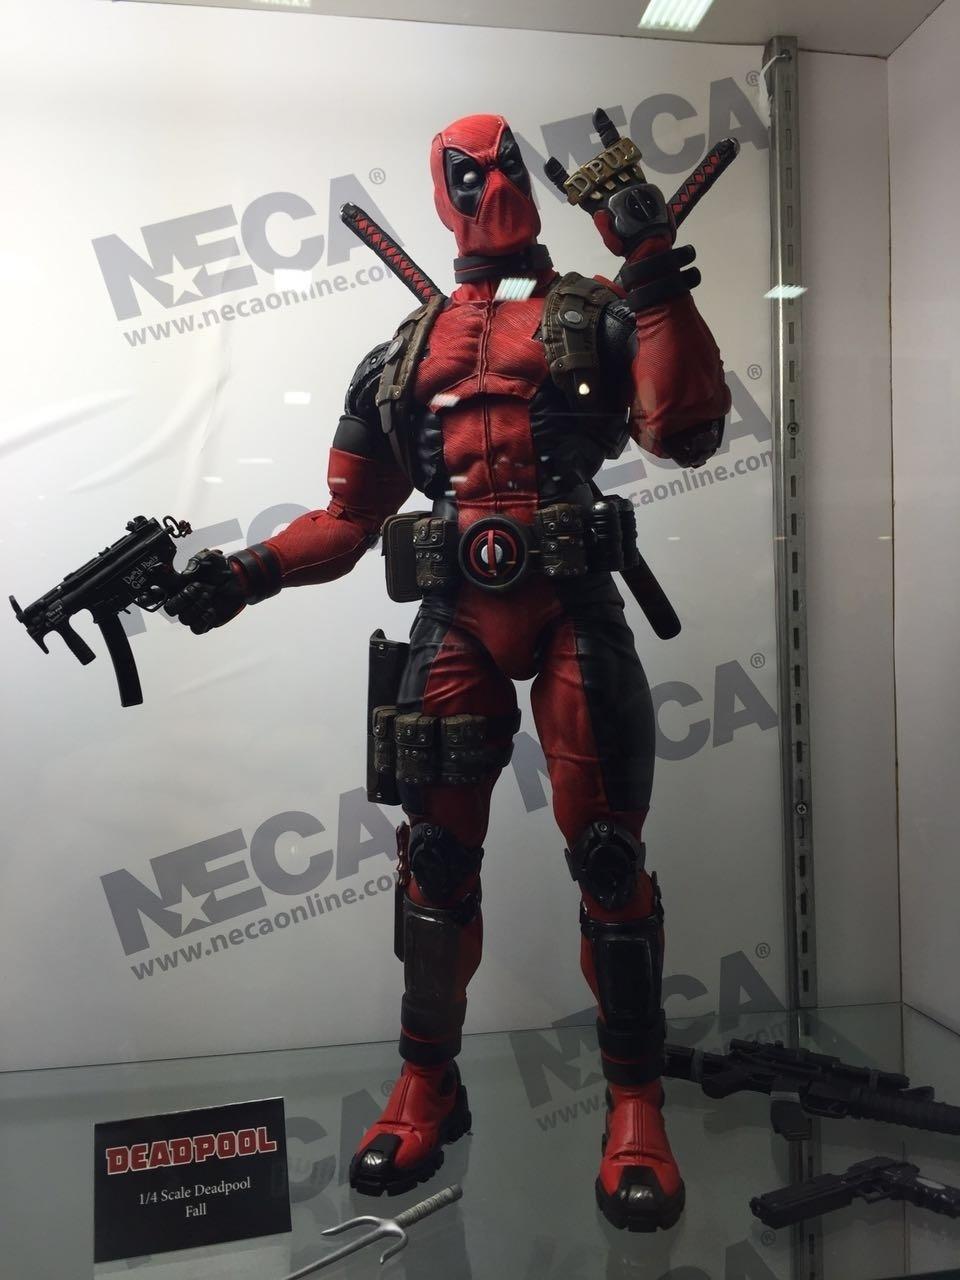 O boneco bastante detalhado de Deadpool exibido no estande da Neca Online na San Diego Comic-Con 2016